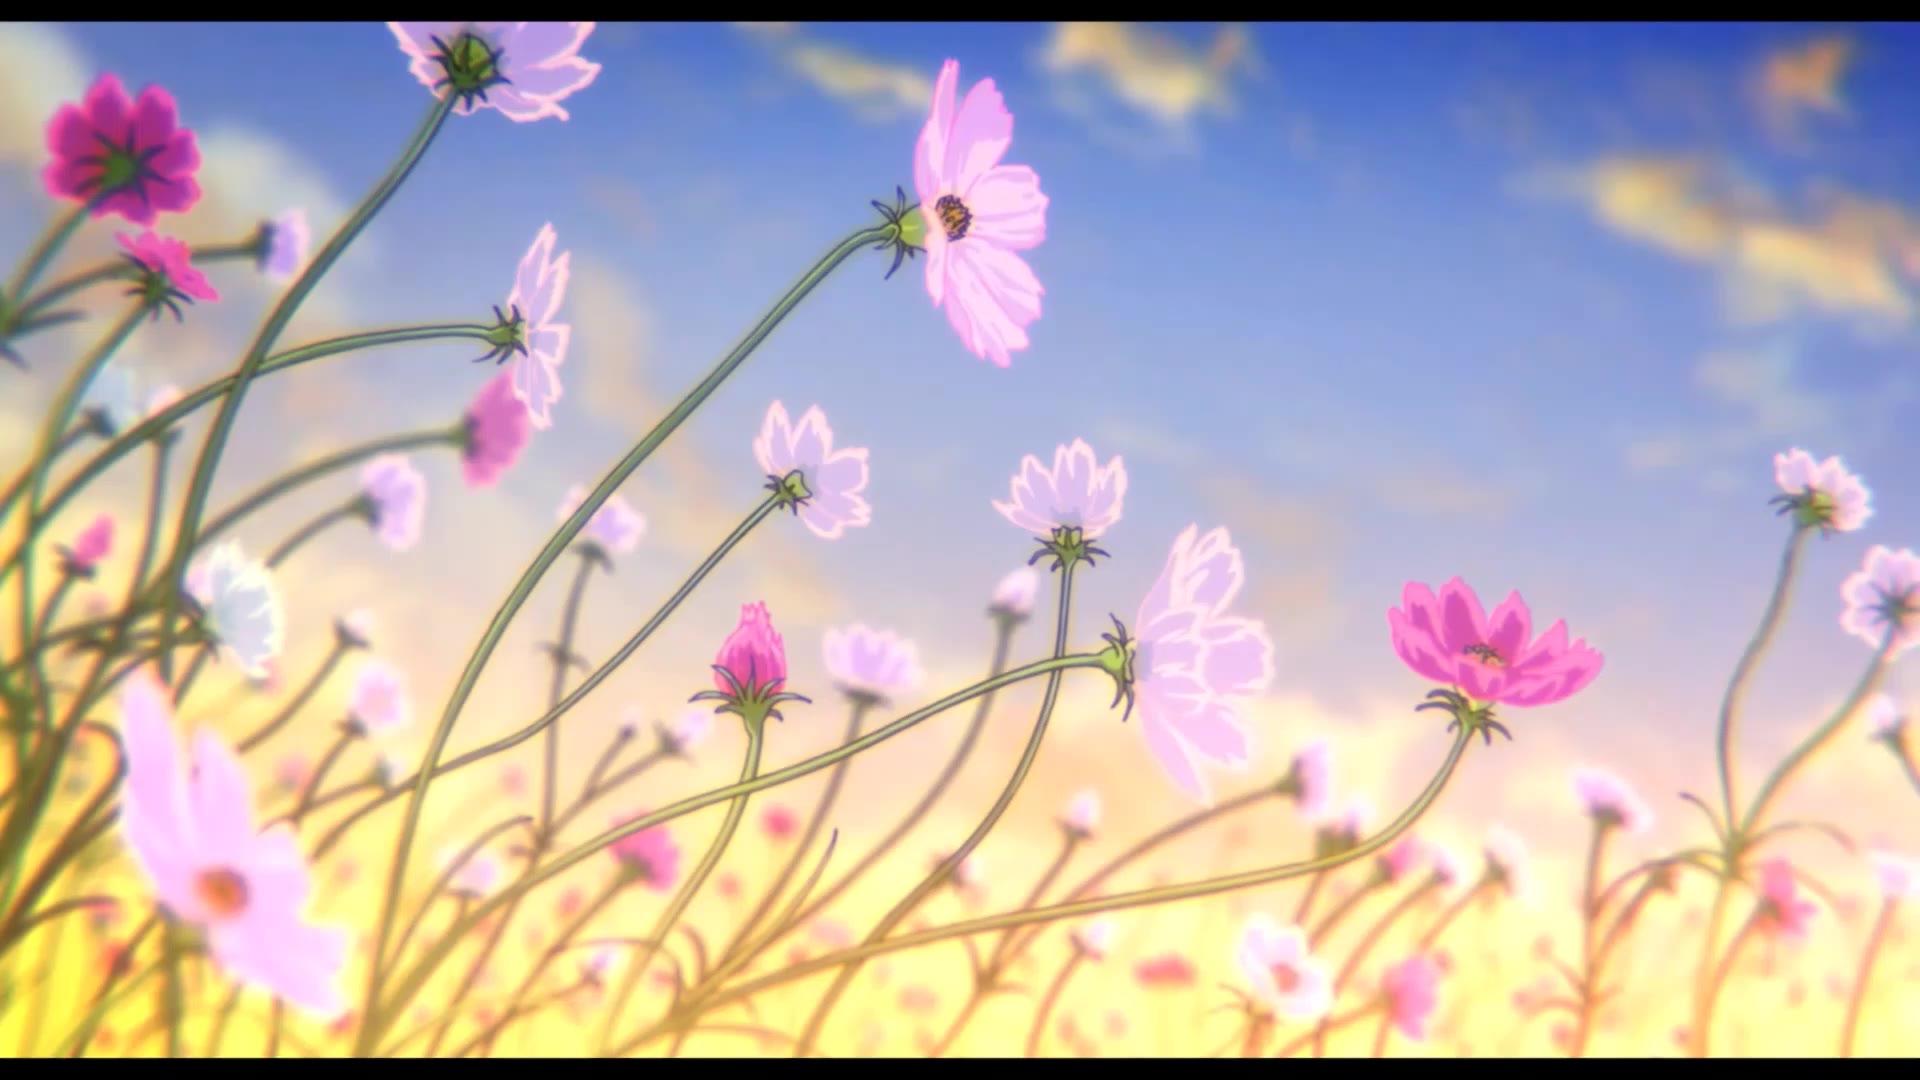 【出道616】【然倉桃果】late in autumn